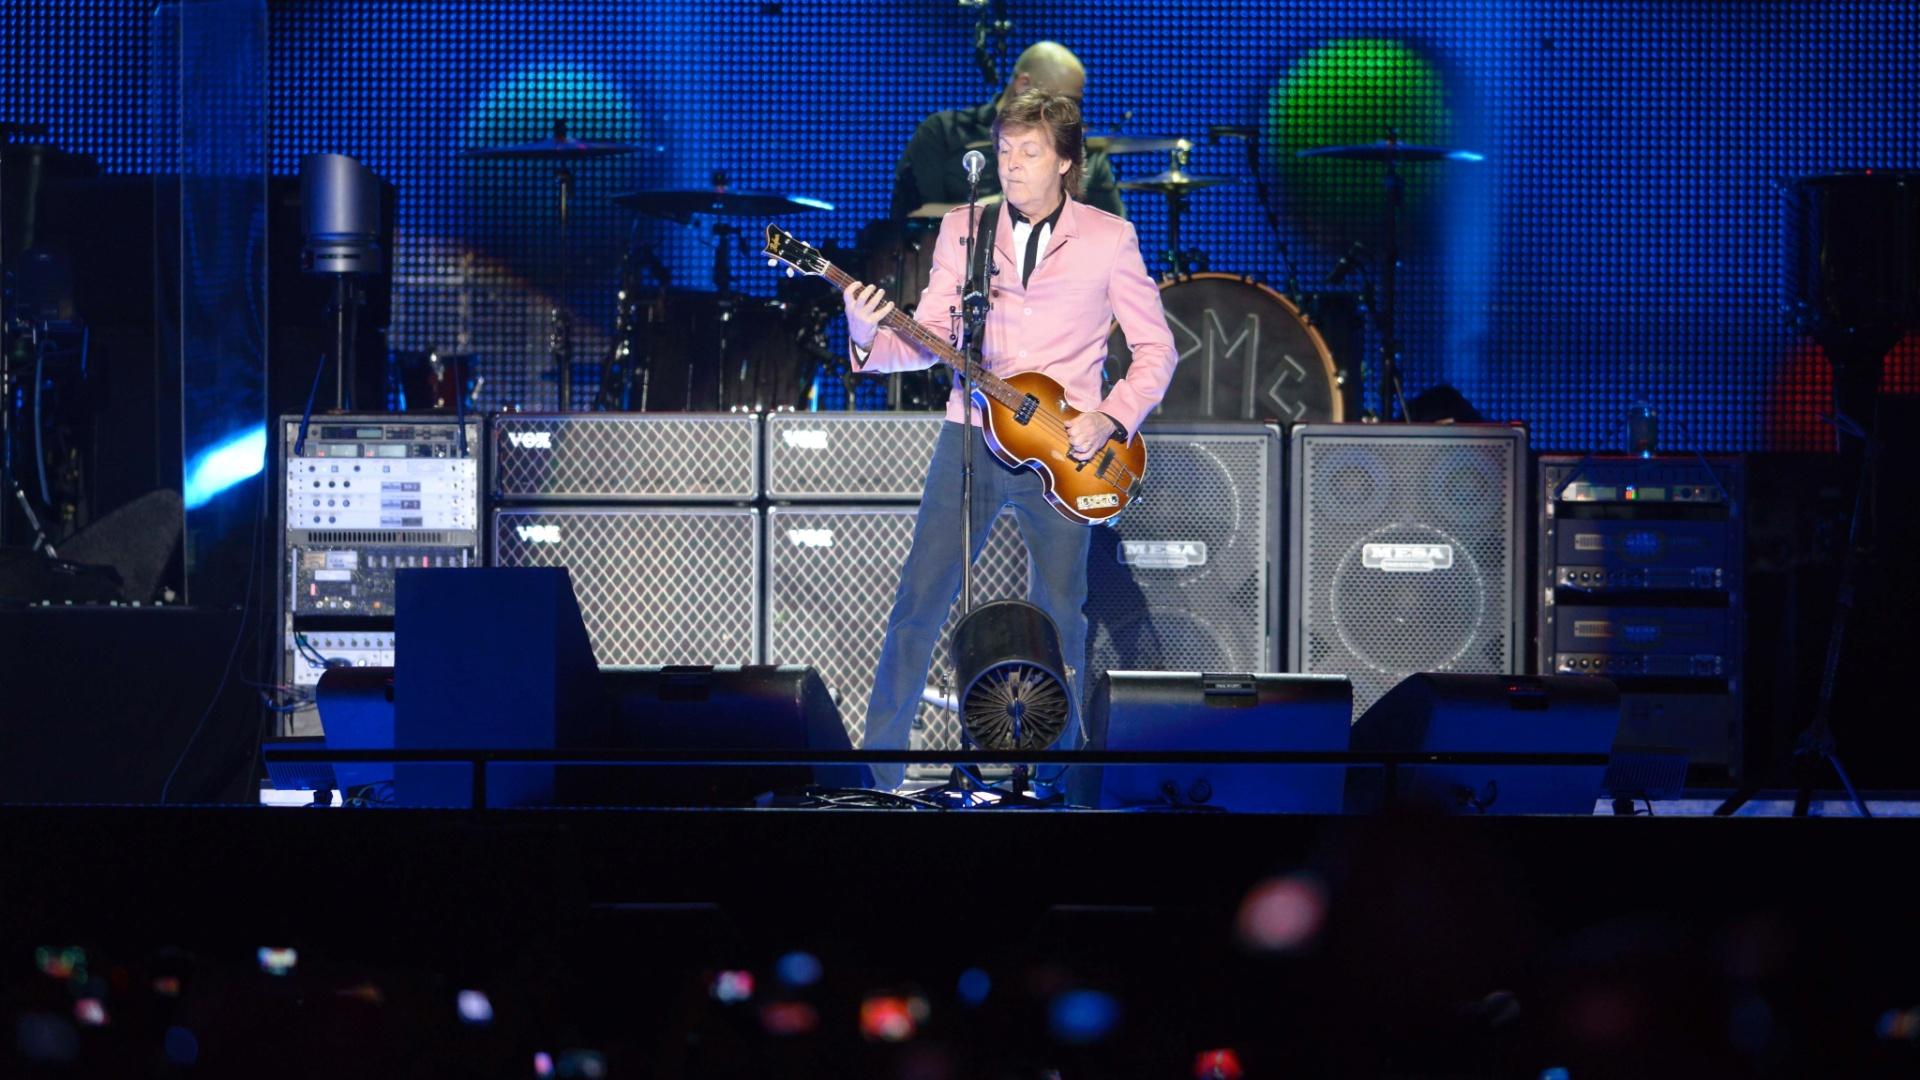 6.mai.2013 - Em 2012, Paul comemorou os 40 anos do início de sua primeira turnê solo. Nas últimas décadas, o artista se apresentou em diversos estádios, casas de show e locais inusitados e marcantes como o Coliseu de Roma; a Praça Vermelha, em Moscou; e a Casa Branca, em Washington